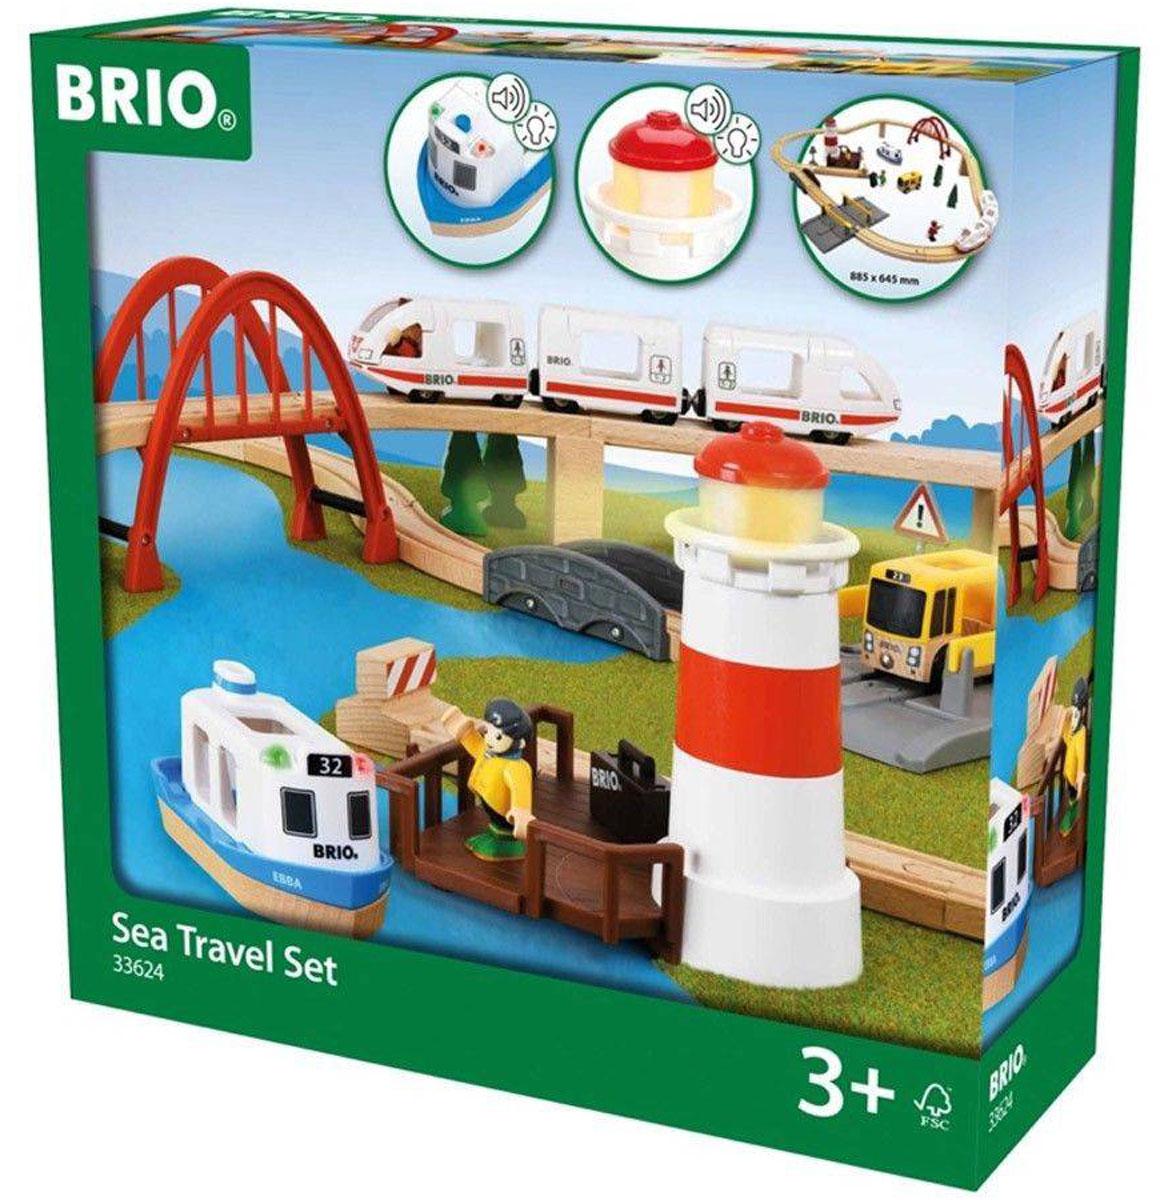 Brio Железная дорога Поездка к морю33624Вашему ребенку обязательно понравится железная дорога Brio Поездка к морю. Железная дорога расположена вблизи порта, откуда отходит паром. Игрушечным человечкам предстоит целое путешествие! Поезд движется по большому арочному мосту, пересекает автомобильную дорогу, маленький каменный мост, мимо маяка, сигналящего кораблям, и прибывает в порт. На крыше маяка и парома есть кнопки, включающие световые и звуковые эффекты. В комплект входит: 2 локомотива, 1 вагон, автобус, 3 фигурки, 2 моста, маяк, причал, переезд, чемодан, дорожный знак, спасательный круг, 2 дерева, элементы железнодорожного полотна. Соединяются локомотивы с вагоном с помощью магнитов. Набор совместим со всеми железными дорогами и паровозиками Brio. Размер железной дороги в сборе - 88,5 см х 64,5 см. Для работы игрушки необходимы 4 батарейки типа LR44, по 2 батарейки на маяк и паром (товар комплектуется демонстрационными).